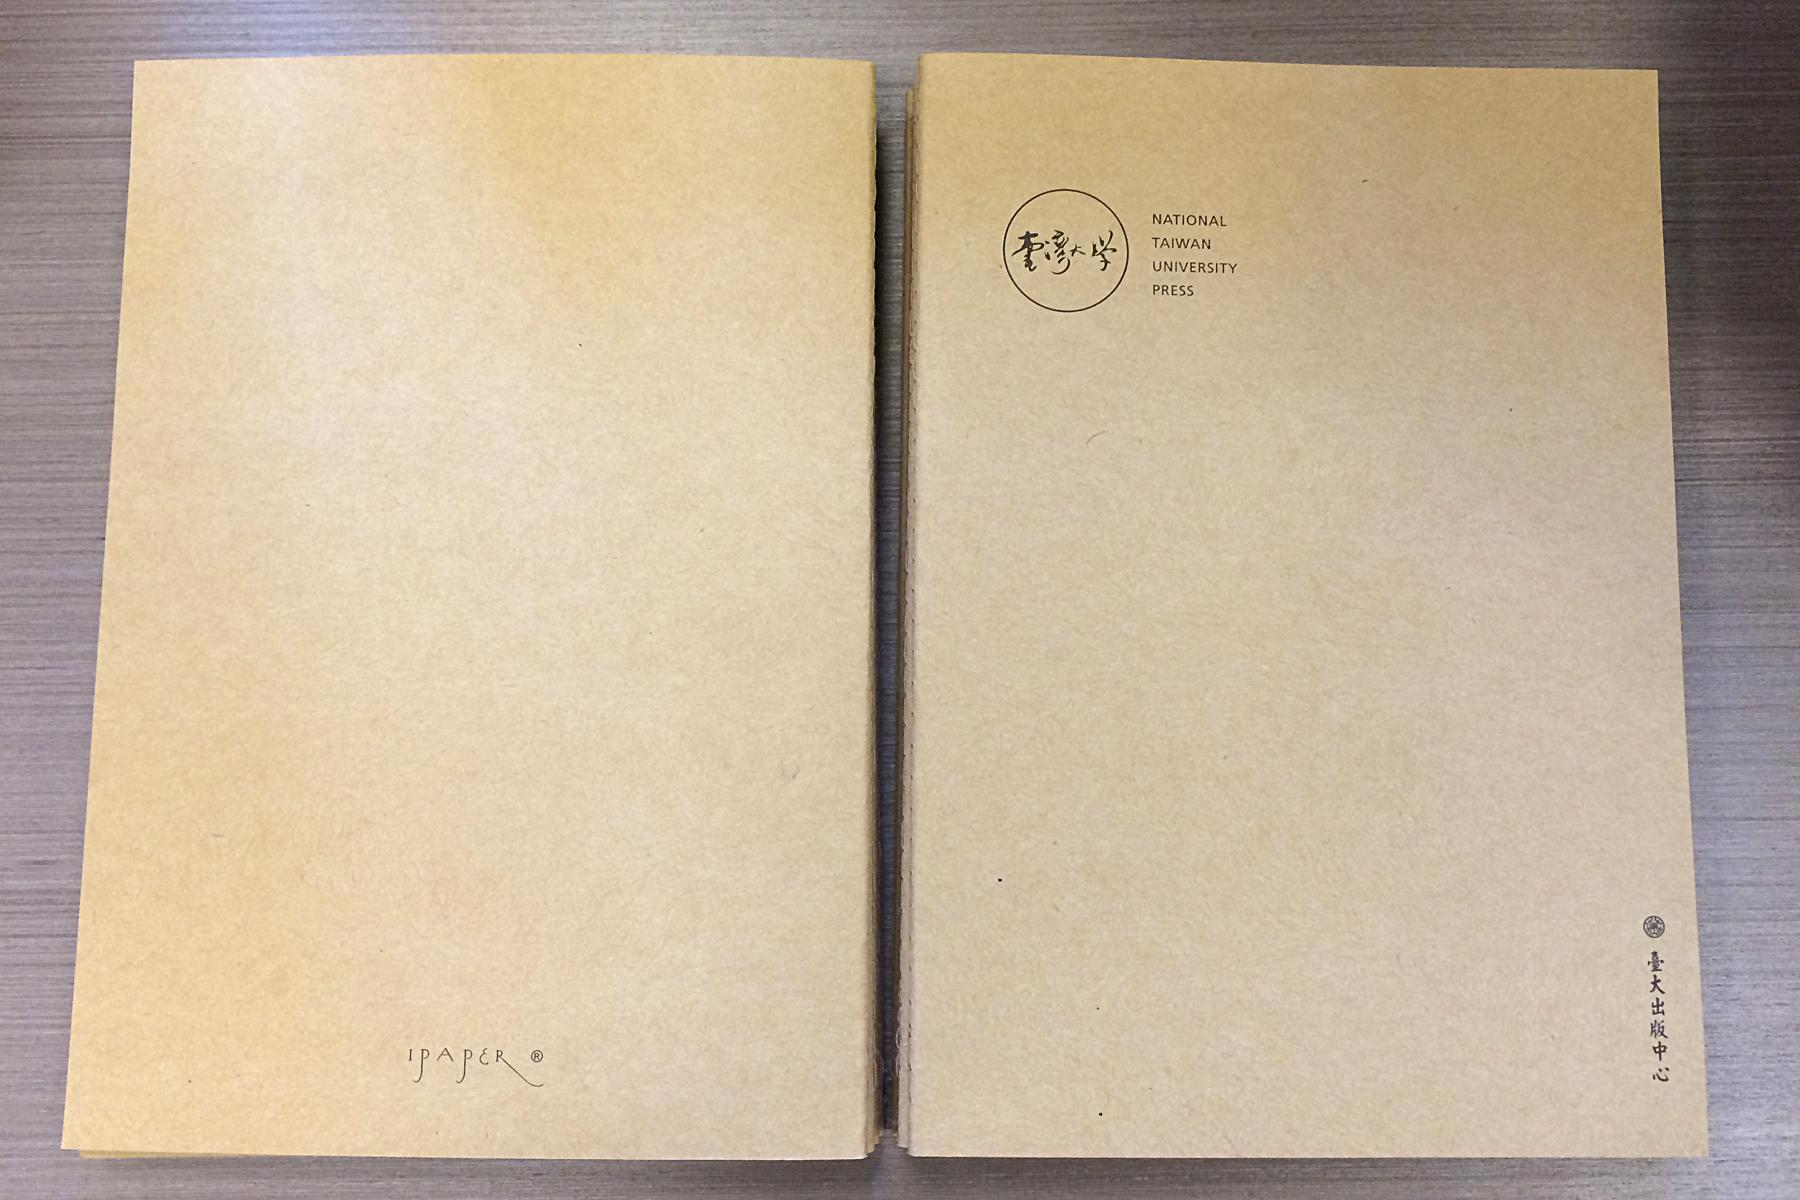 臺灣大學牛皮紙封面筆記本